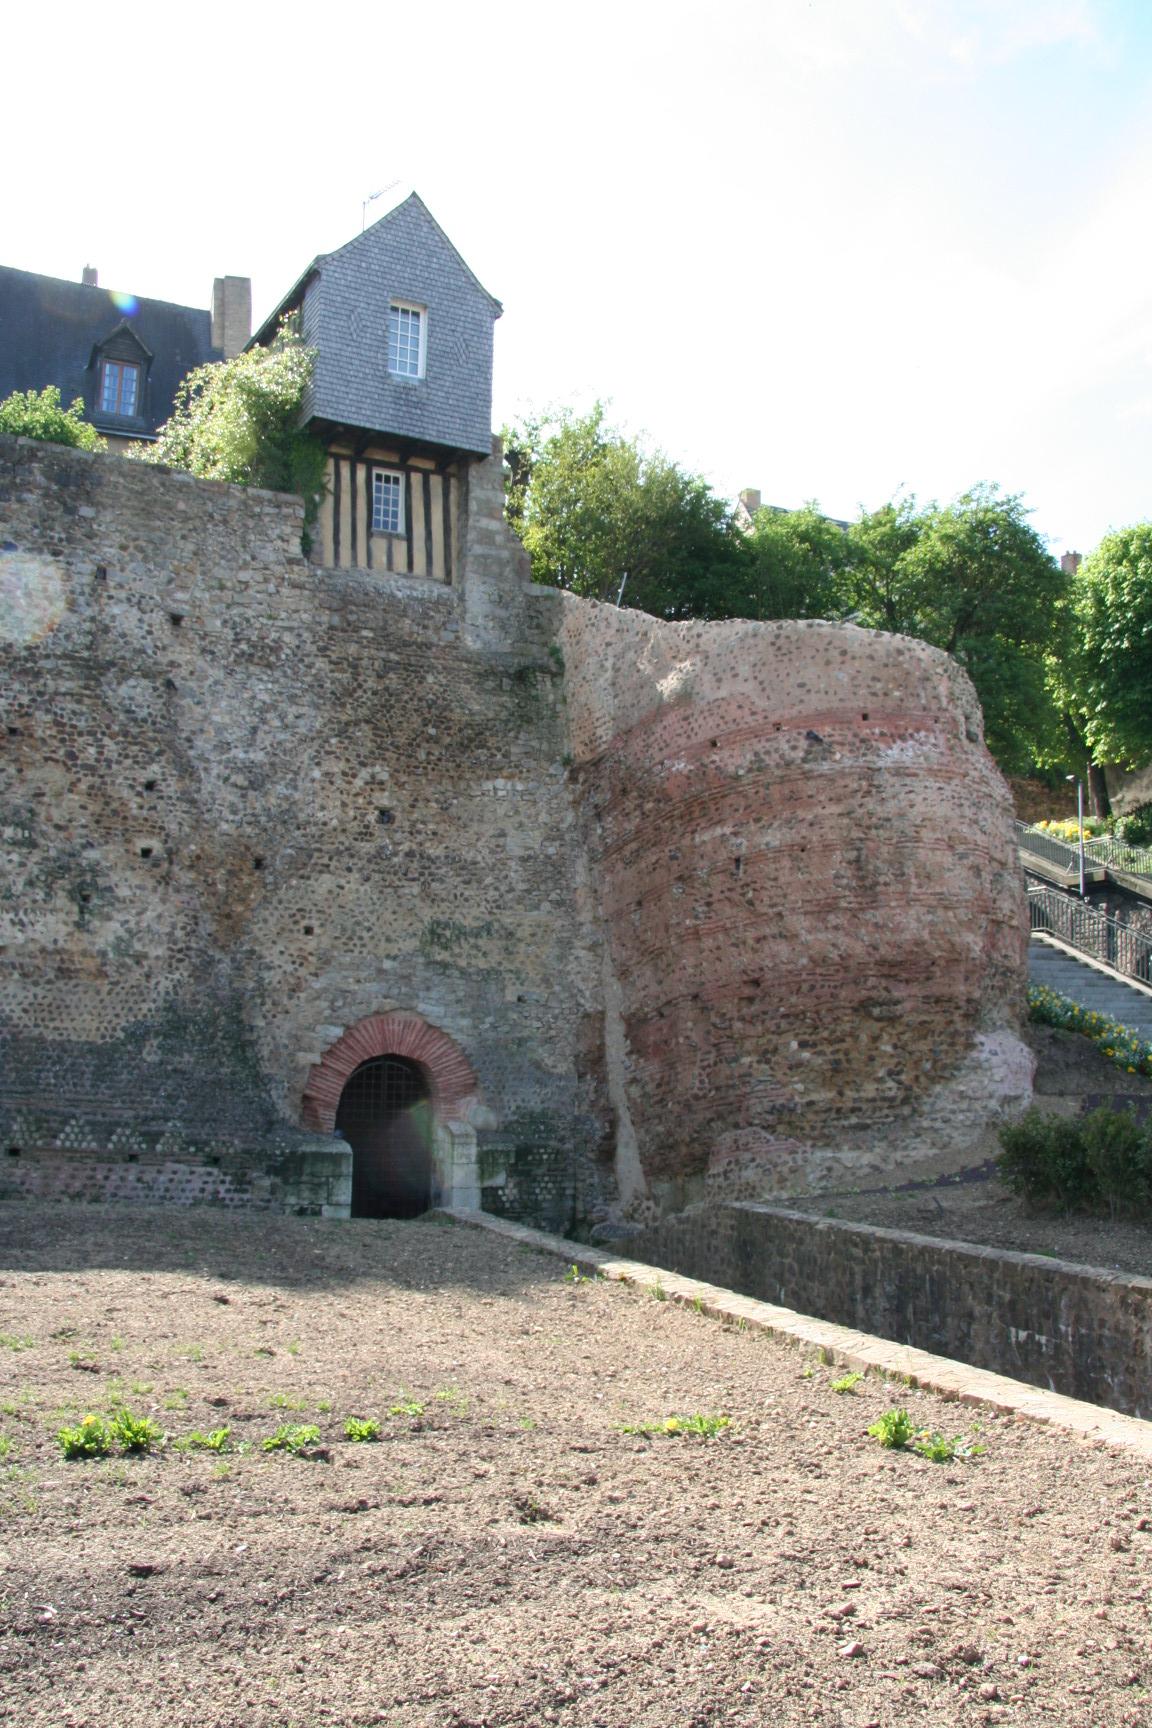 Le Vieux Mans en 2010 - L'enceinte romaine - Muraille 05 - Rue Denfert Rochereau - Tour du tunnel (Sylvie Leveau)